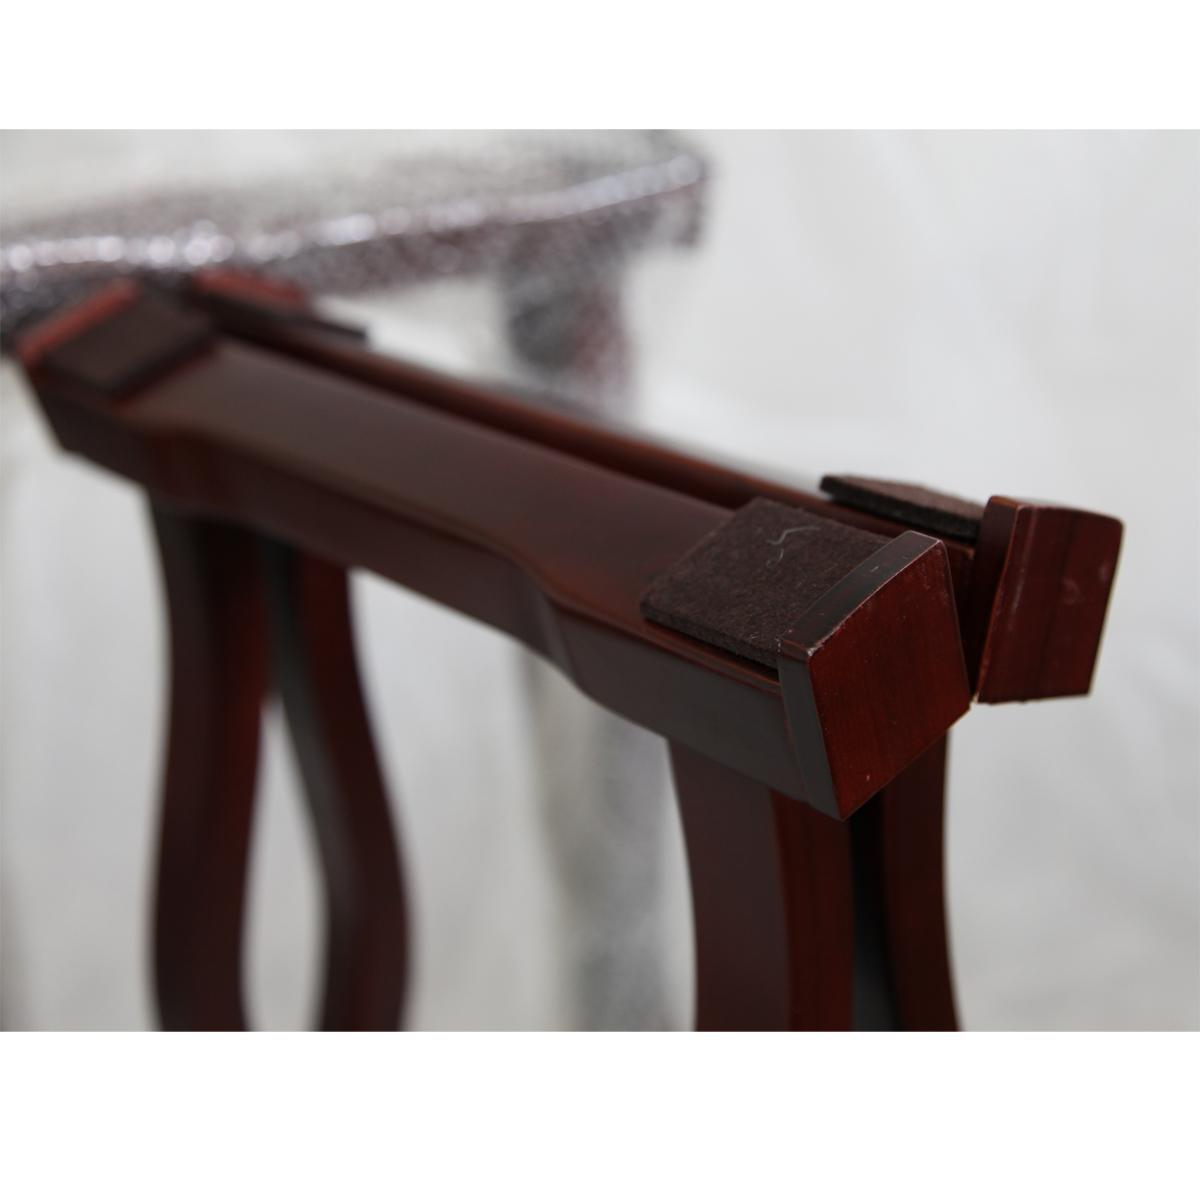 Поддержка для синтезатора Dunghuang фортепиано 3206-3 цвета древесины кадр новый листинг только официальных точек